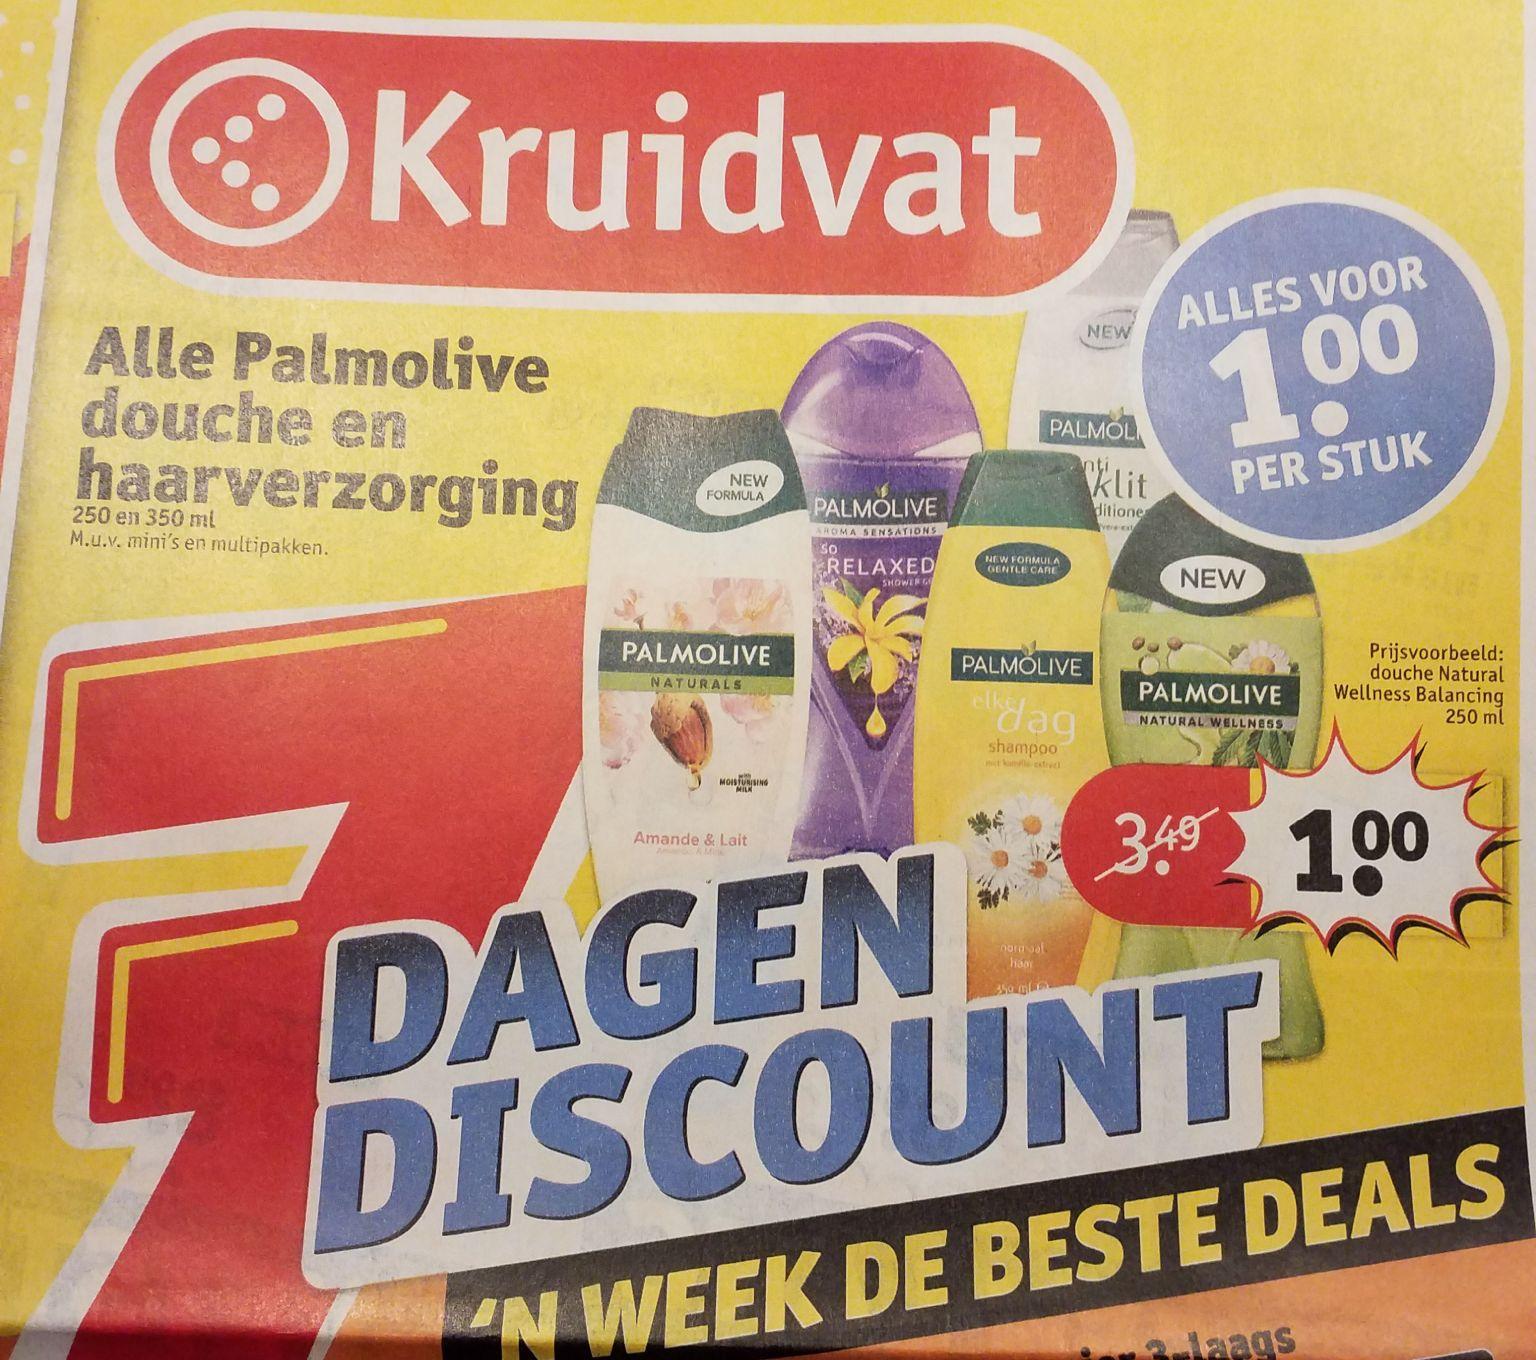 Palmolive douche en haarverzorging bij Kruidvat 1 euro per stuk 250 ml en 350 ml